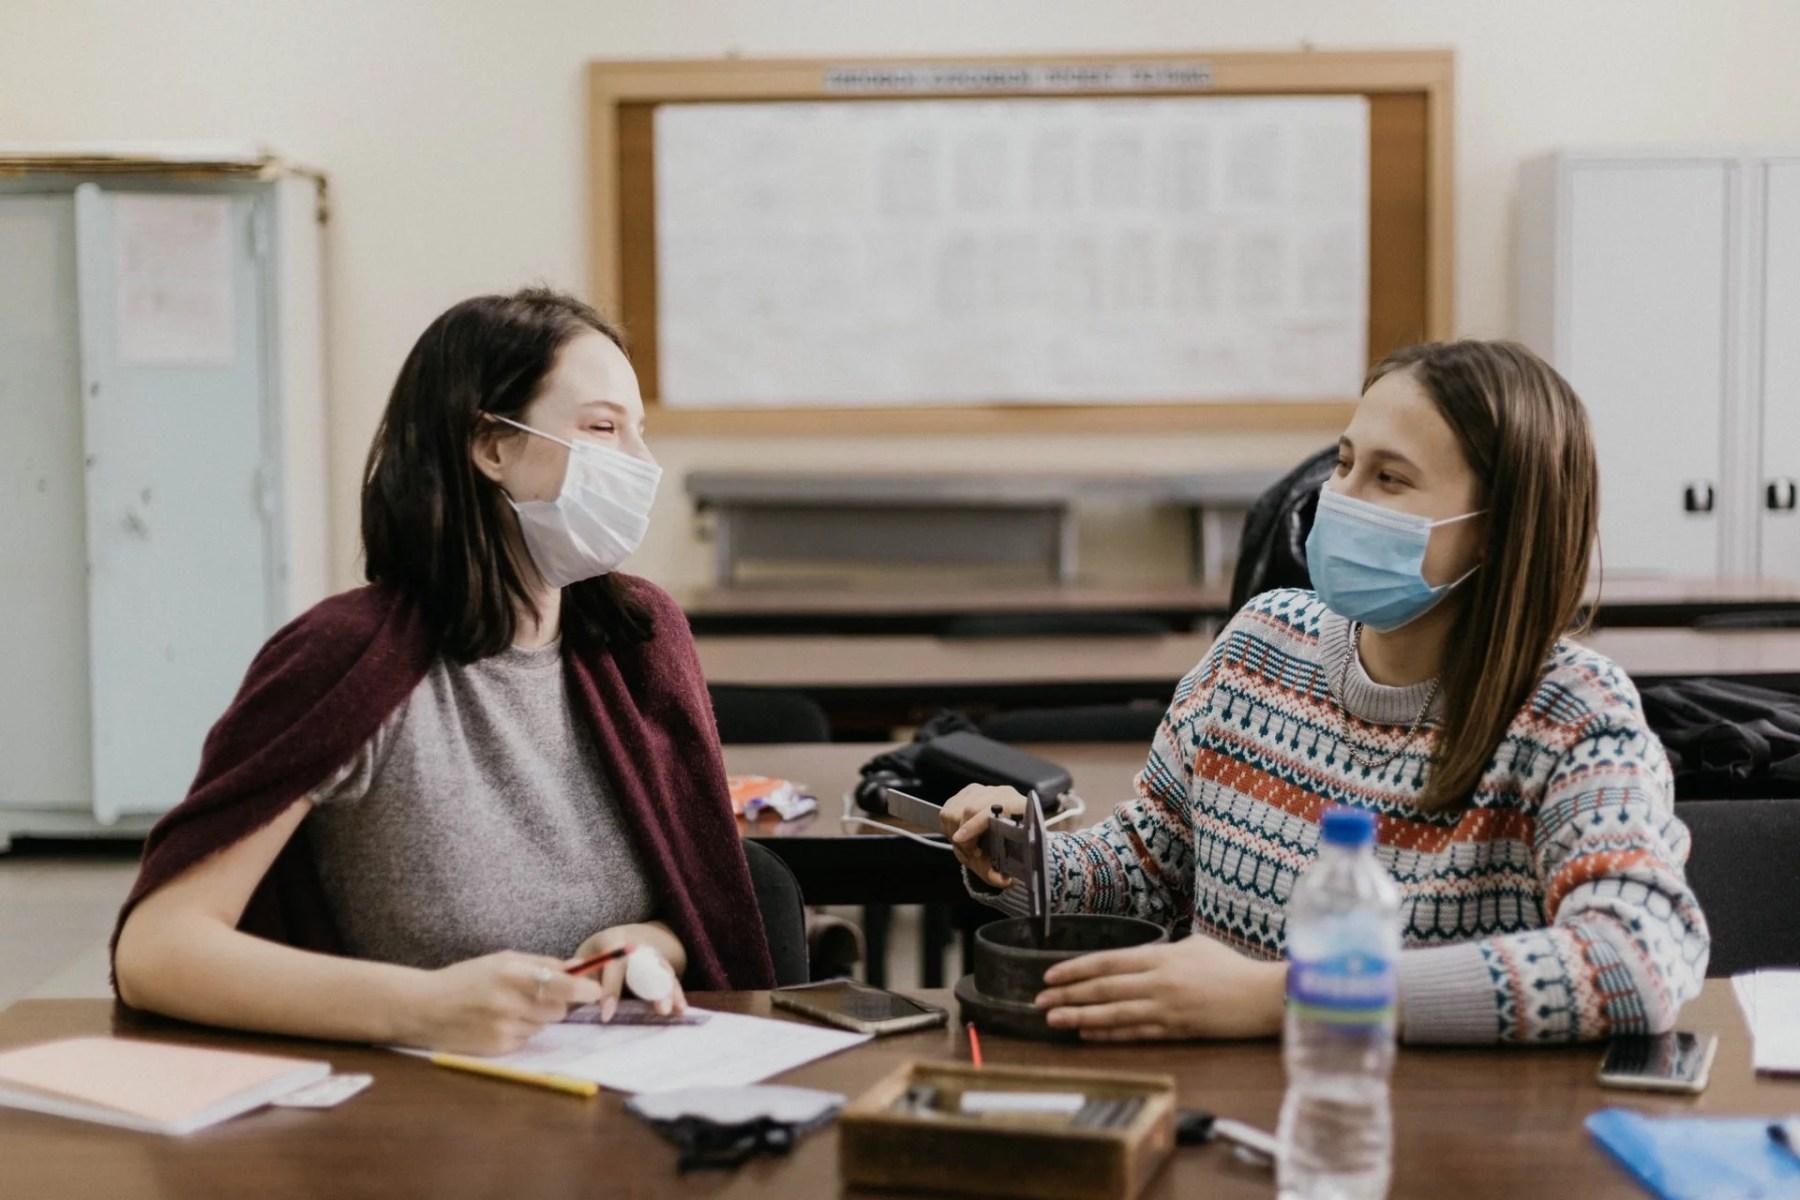 Bruxelles : masque obligatoire pour les élèves flamands mais pas les francophones